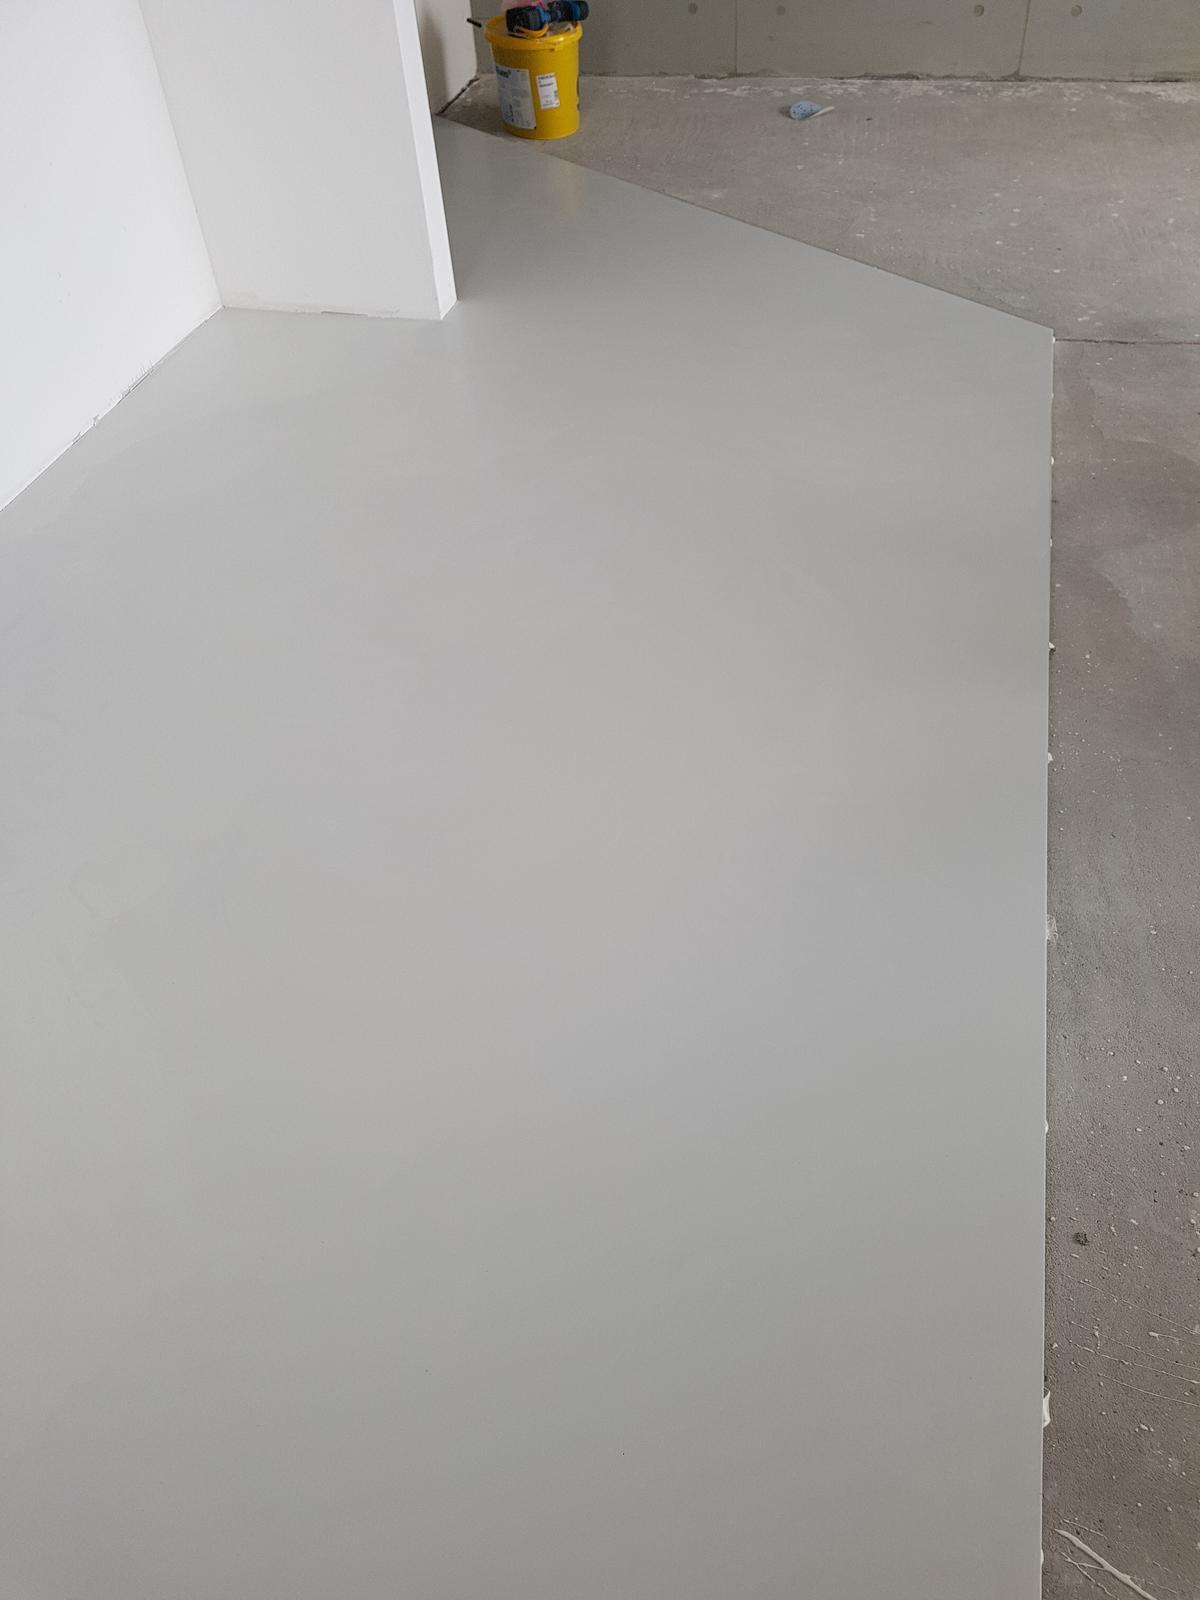 Liata podlaha - Polomatný vysoko odolný PU lakovaný povrch